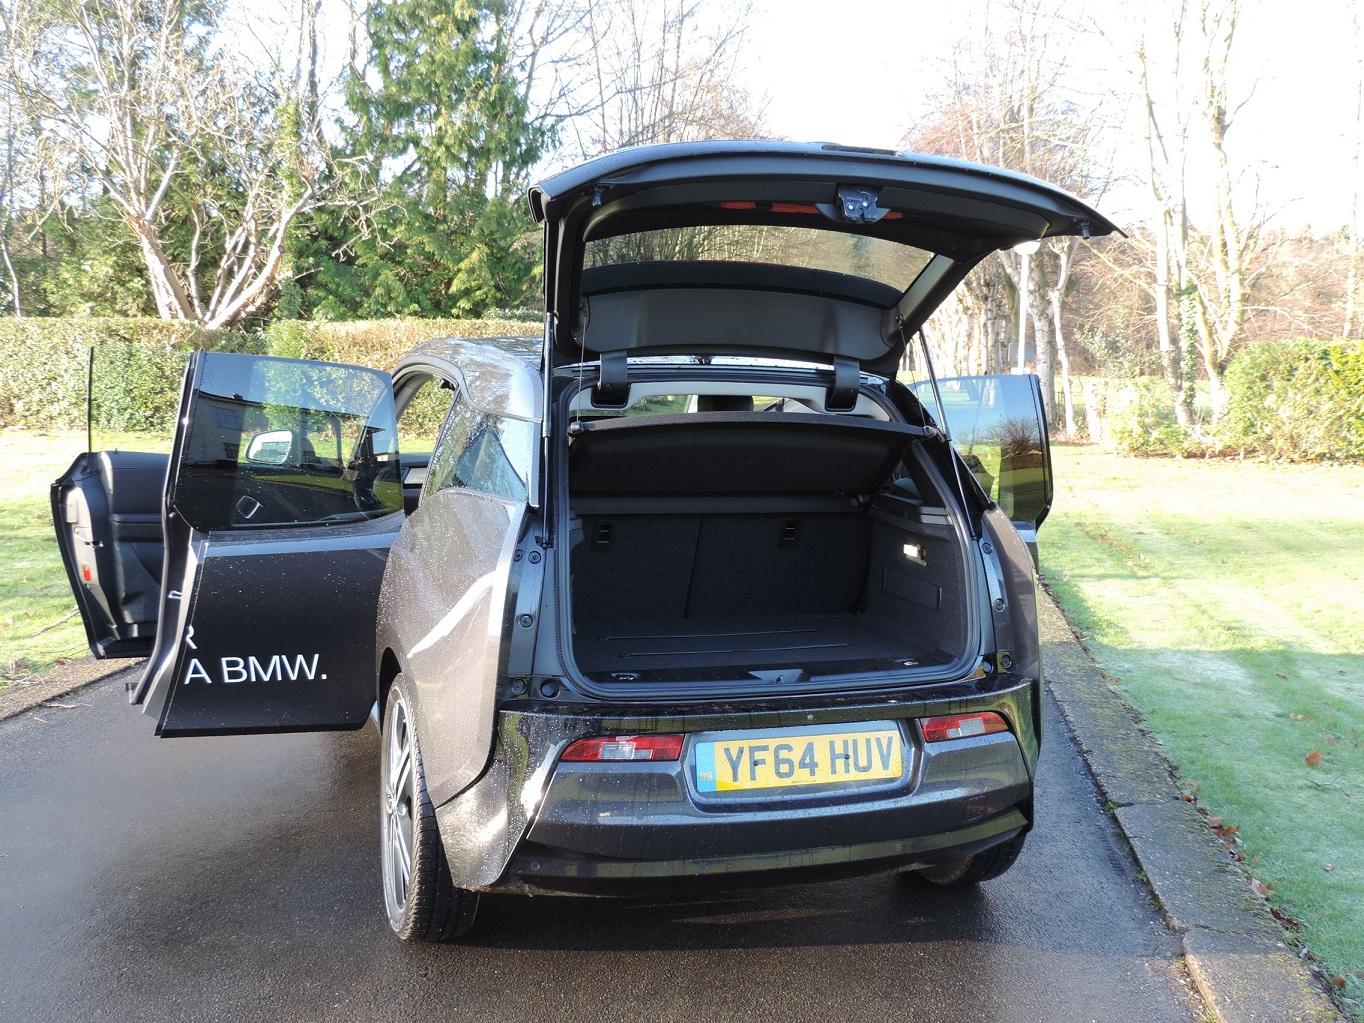 BMW i3 5 door hatch back